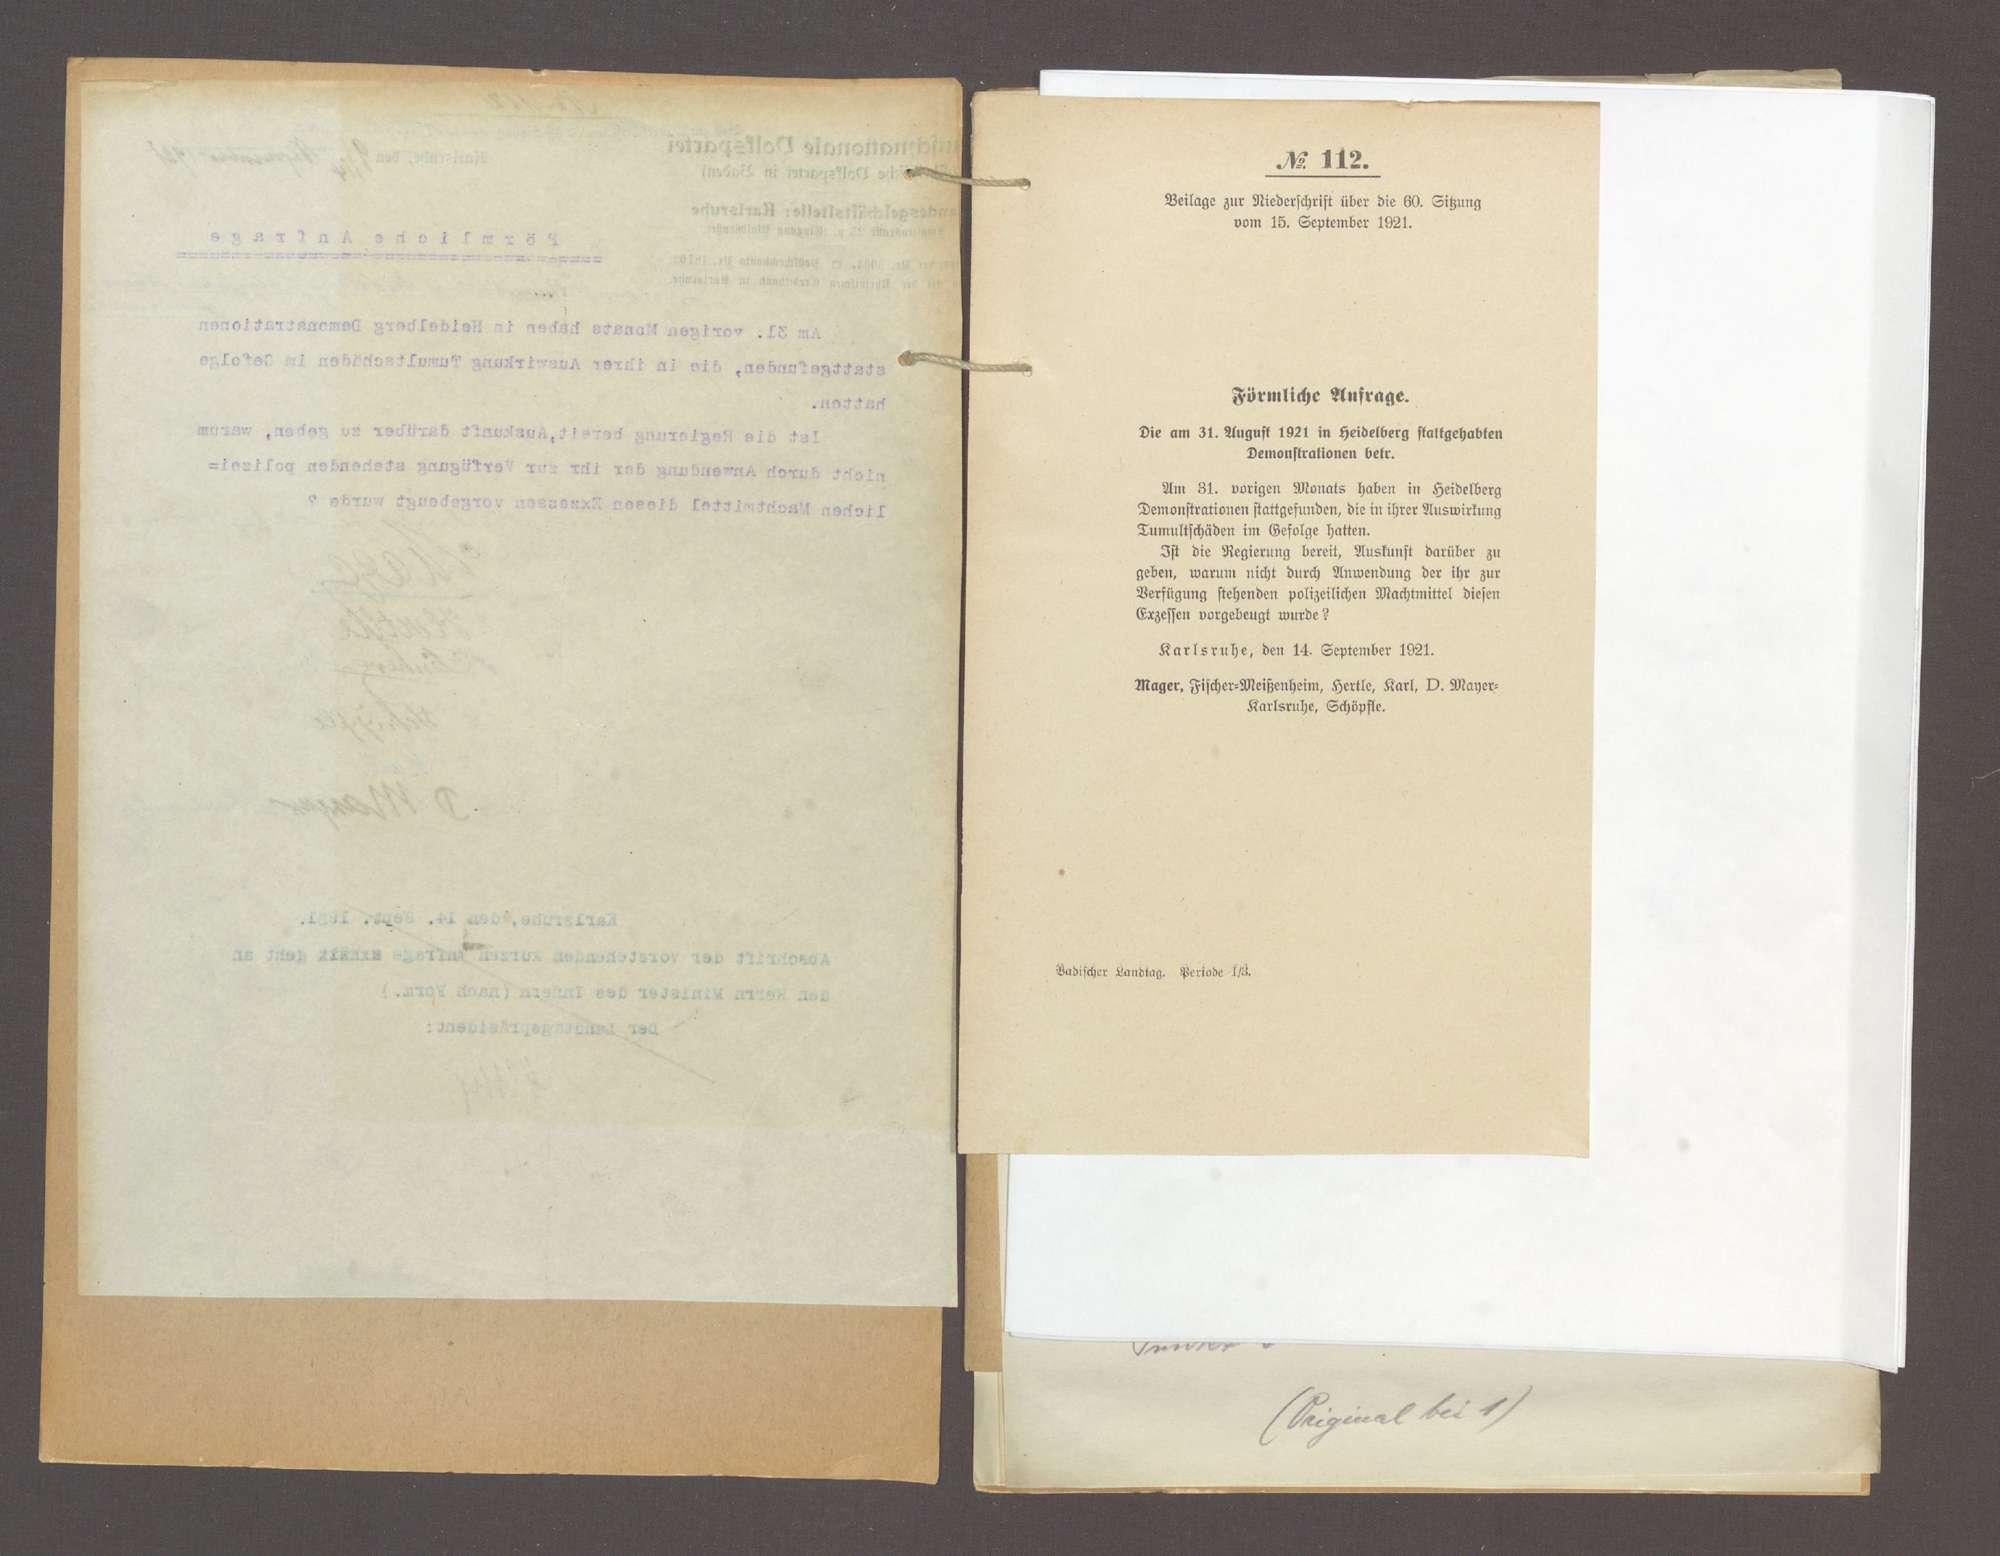 Förmliche Anfrage der Abg. Mager u. Gen., die am 31. August 1921 in Heidelberg stattgehabten Demonstrationen betr., über das Verbot der Süddeutschen Zeitung und das Verbot von Regimentsfeiern, Bild 3